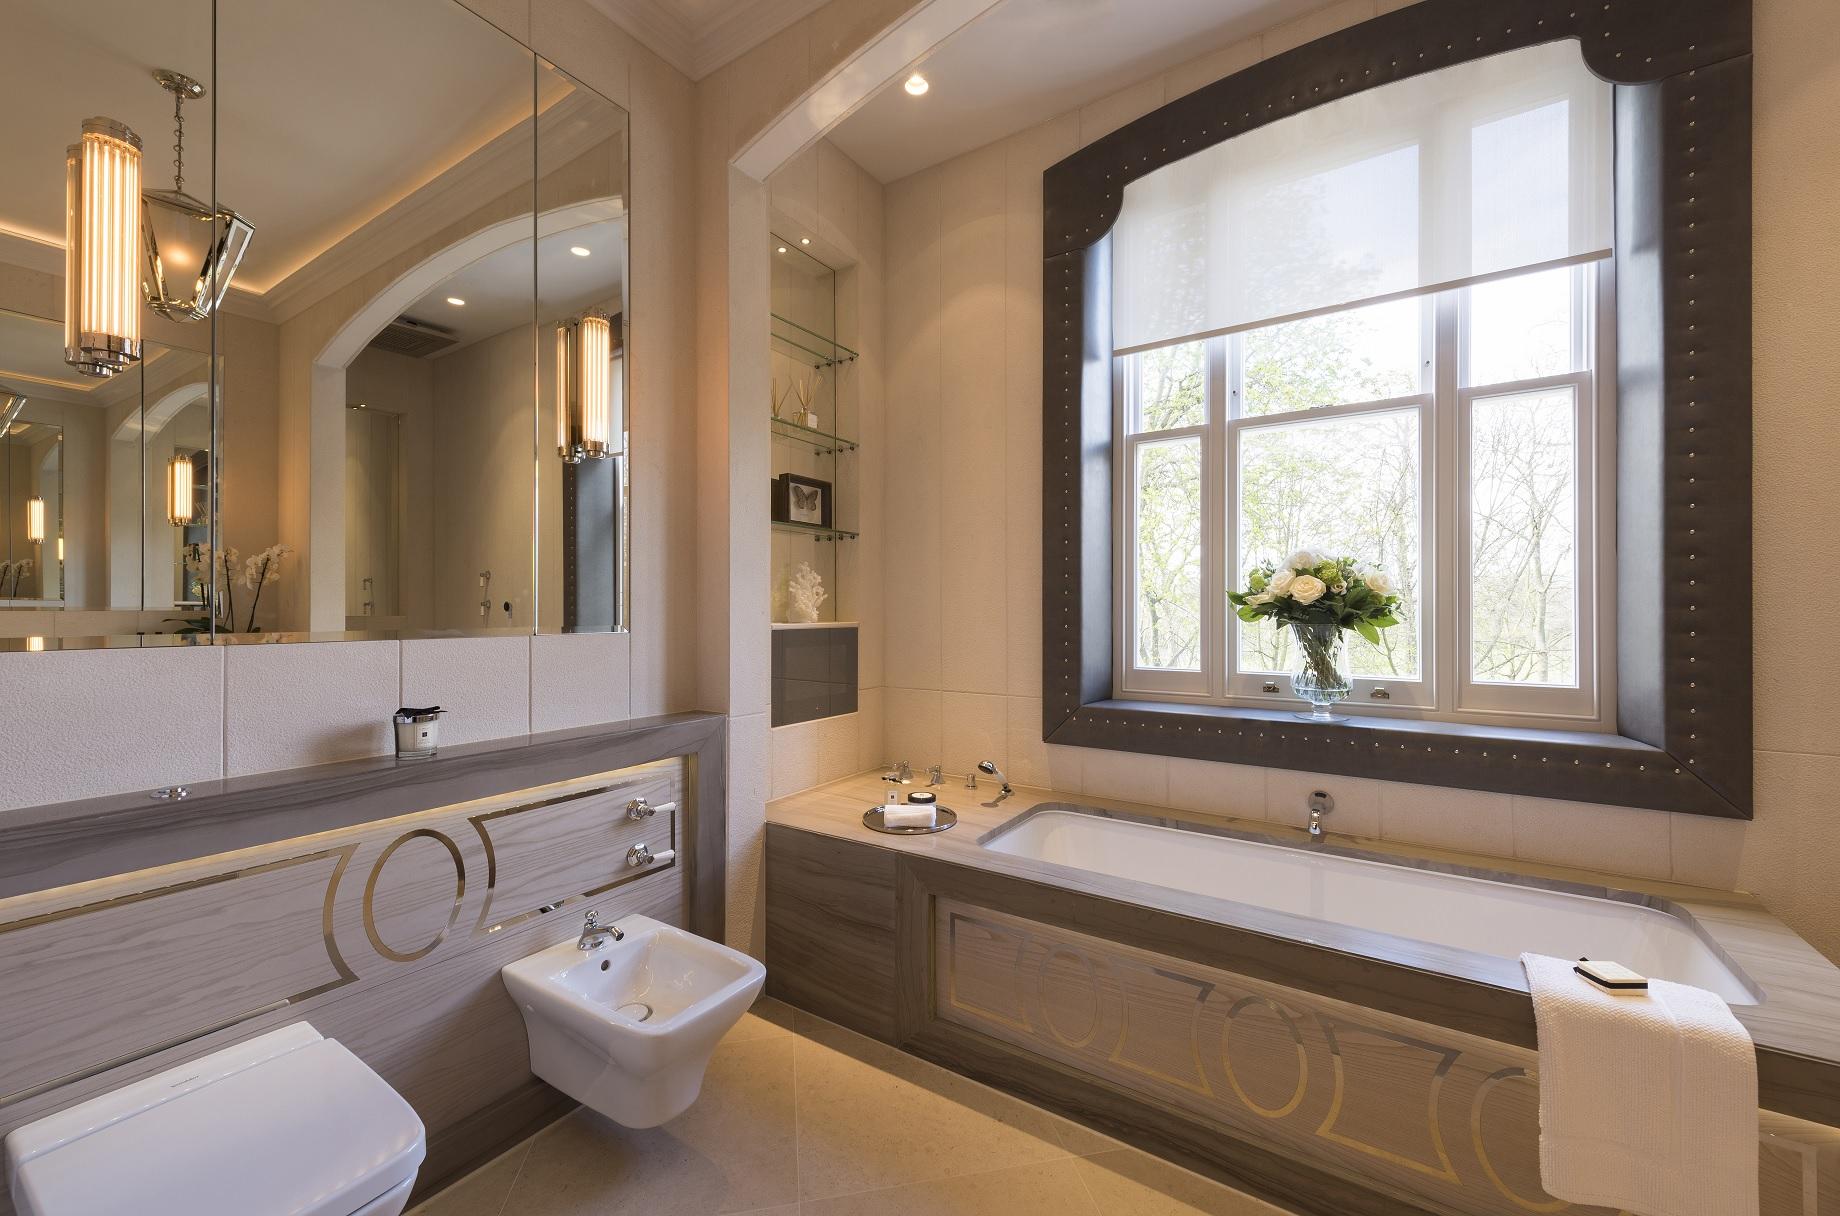 Lambart & Browne - Phillimore Gardens Bathroom